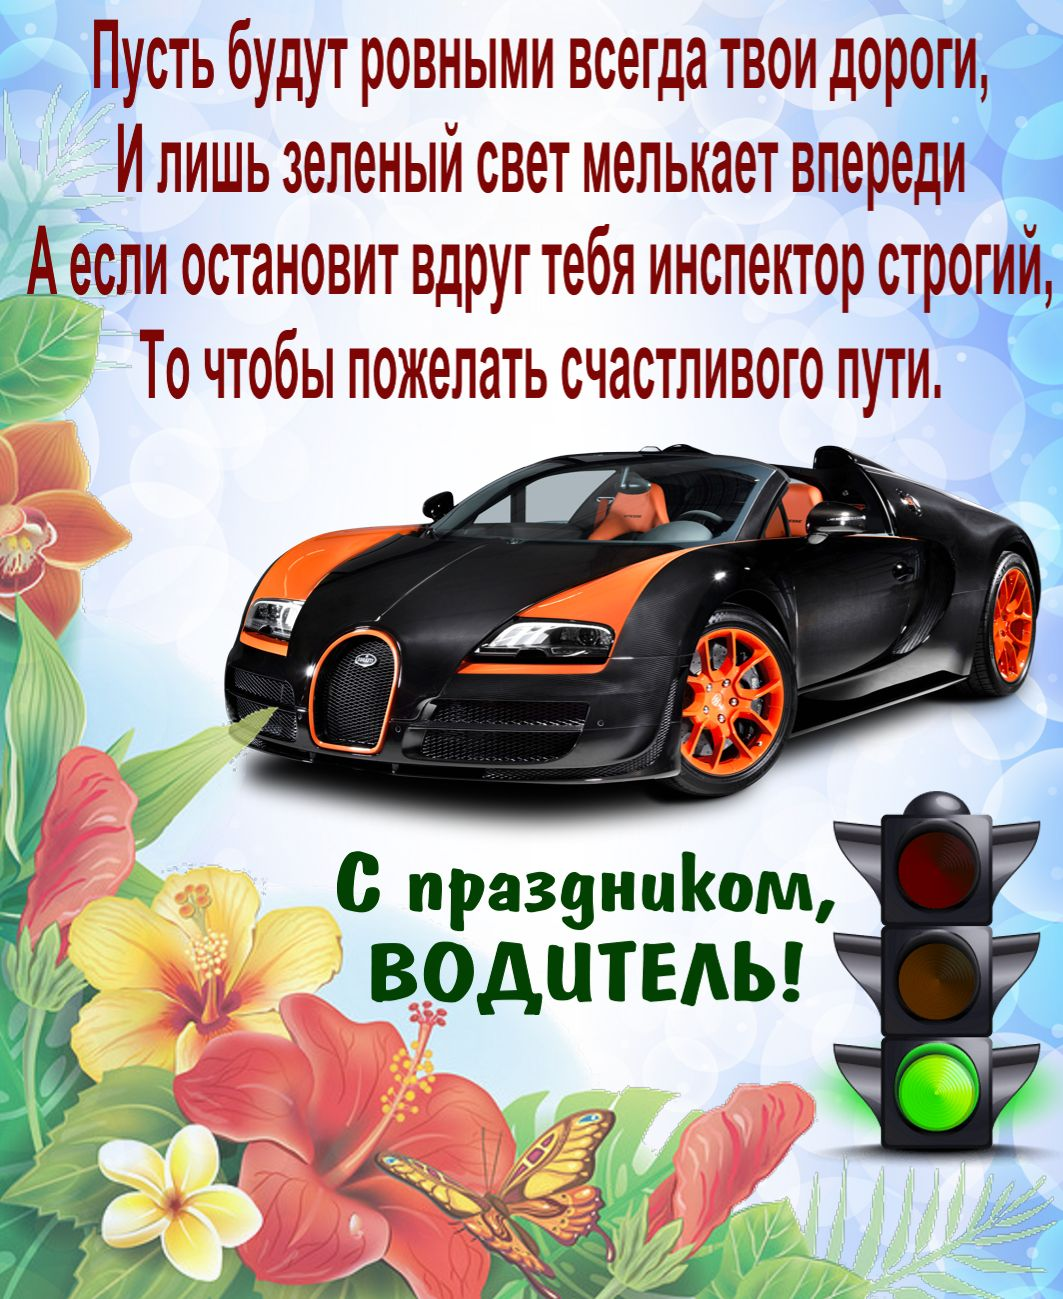 Красивое пожелание автомобилисту